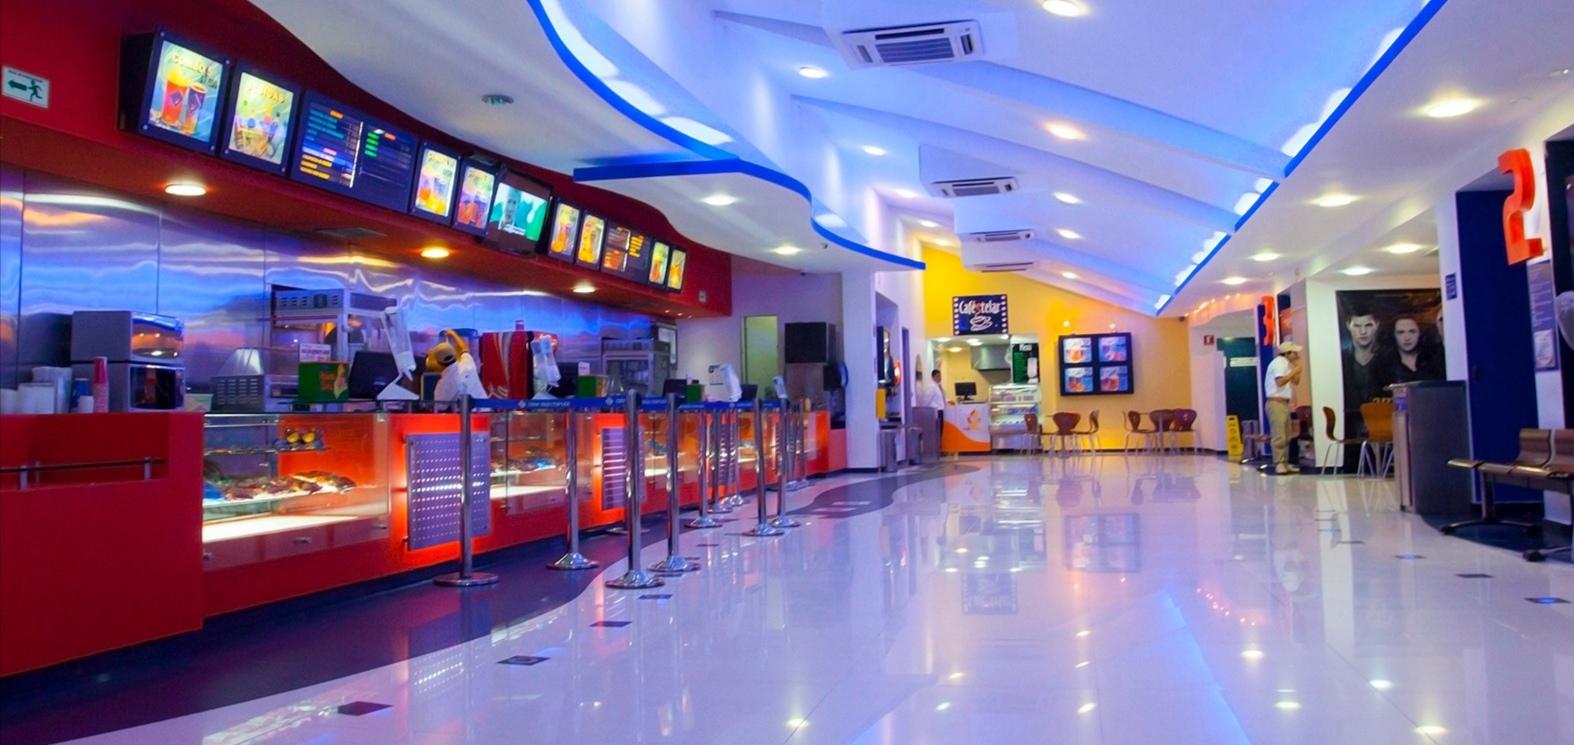 De acuerdo con la resolución 1408, fechada el 14 de agosto, el Ministerio de Salud autorizó que se reactiven las actividades de exhibición cinematográfica